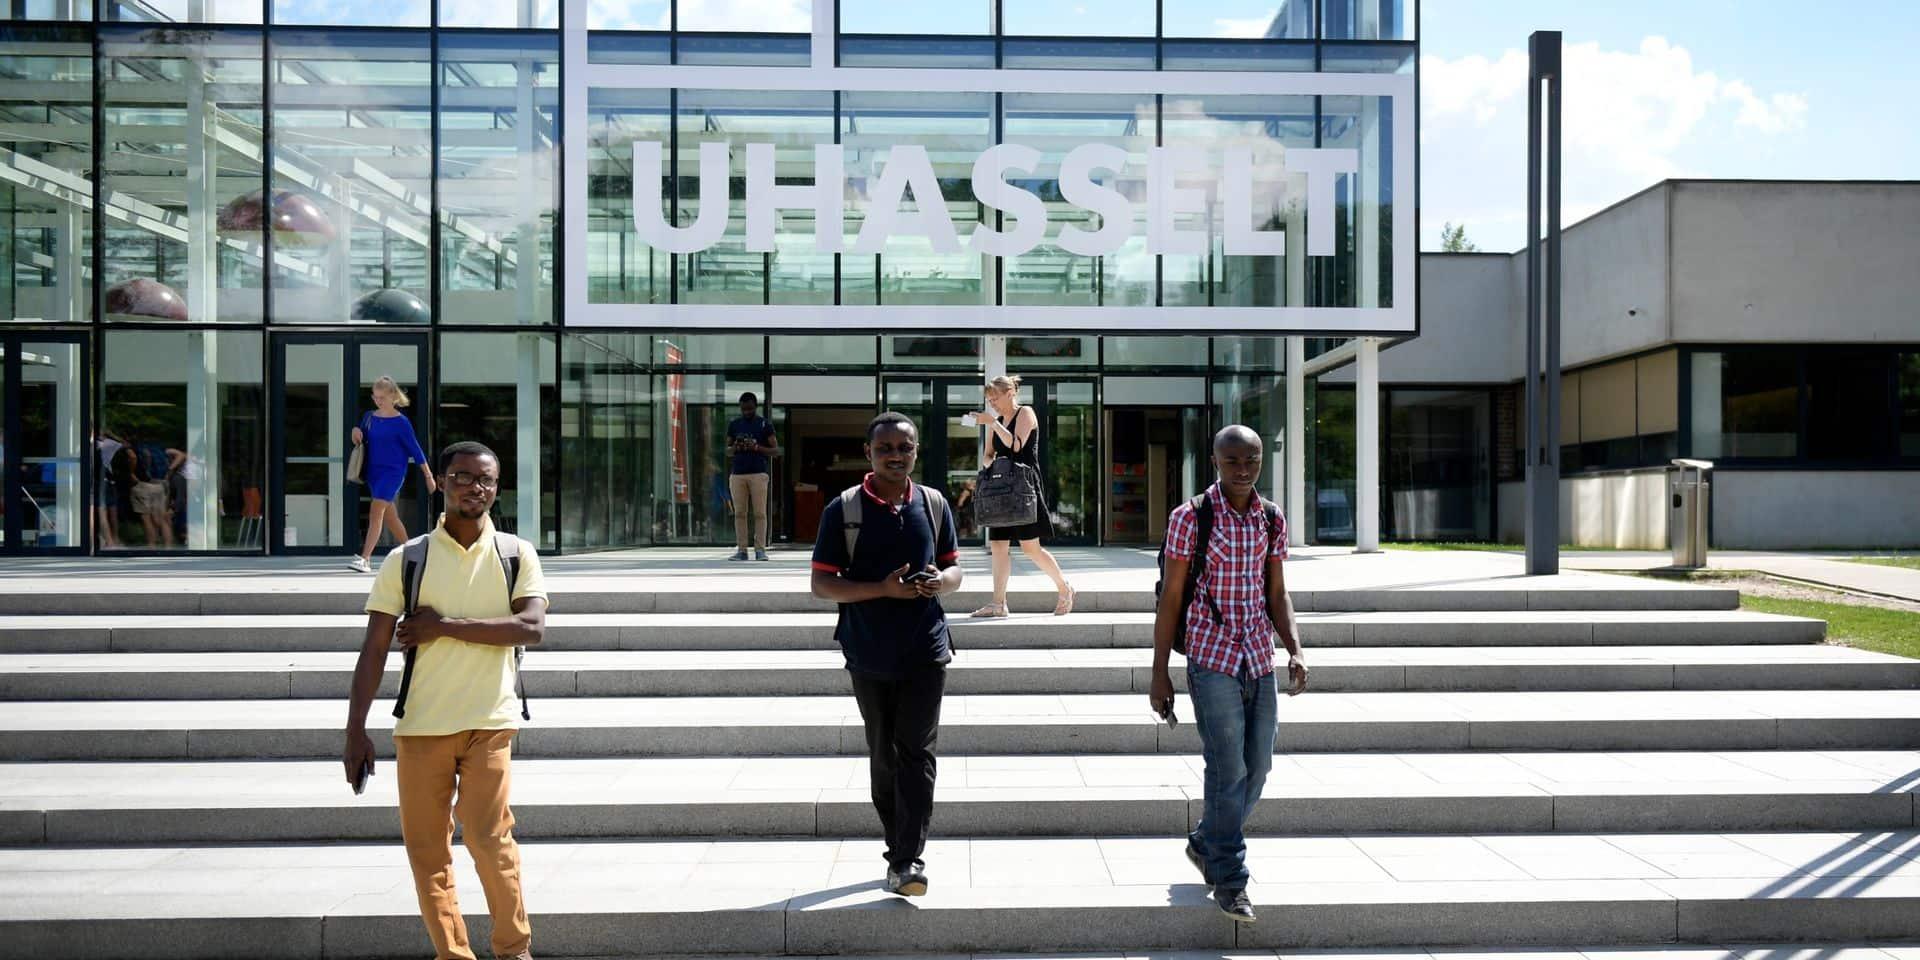 L'Université d'Hasselt se choisit un nouveau recteur